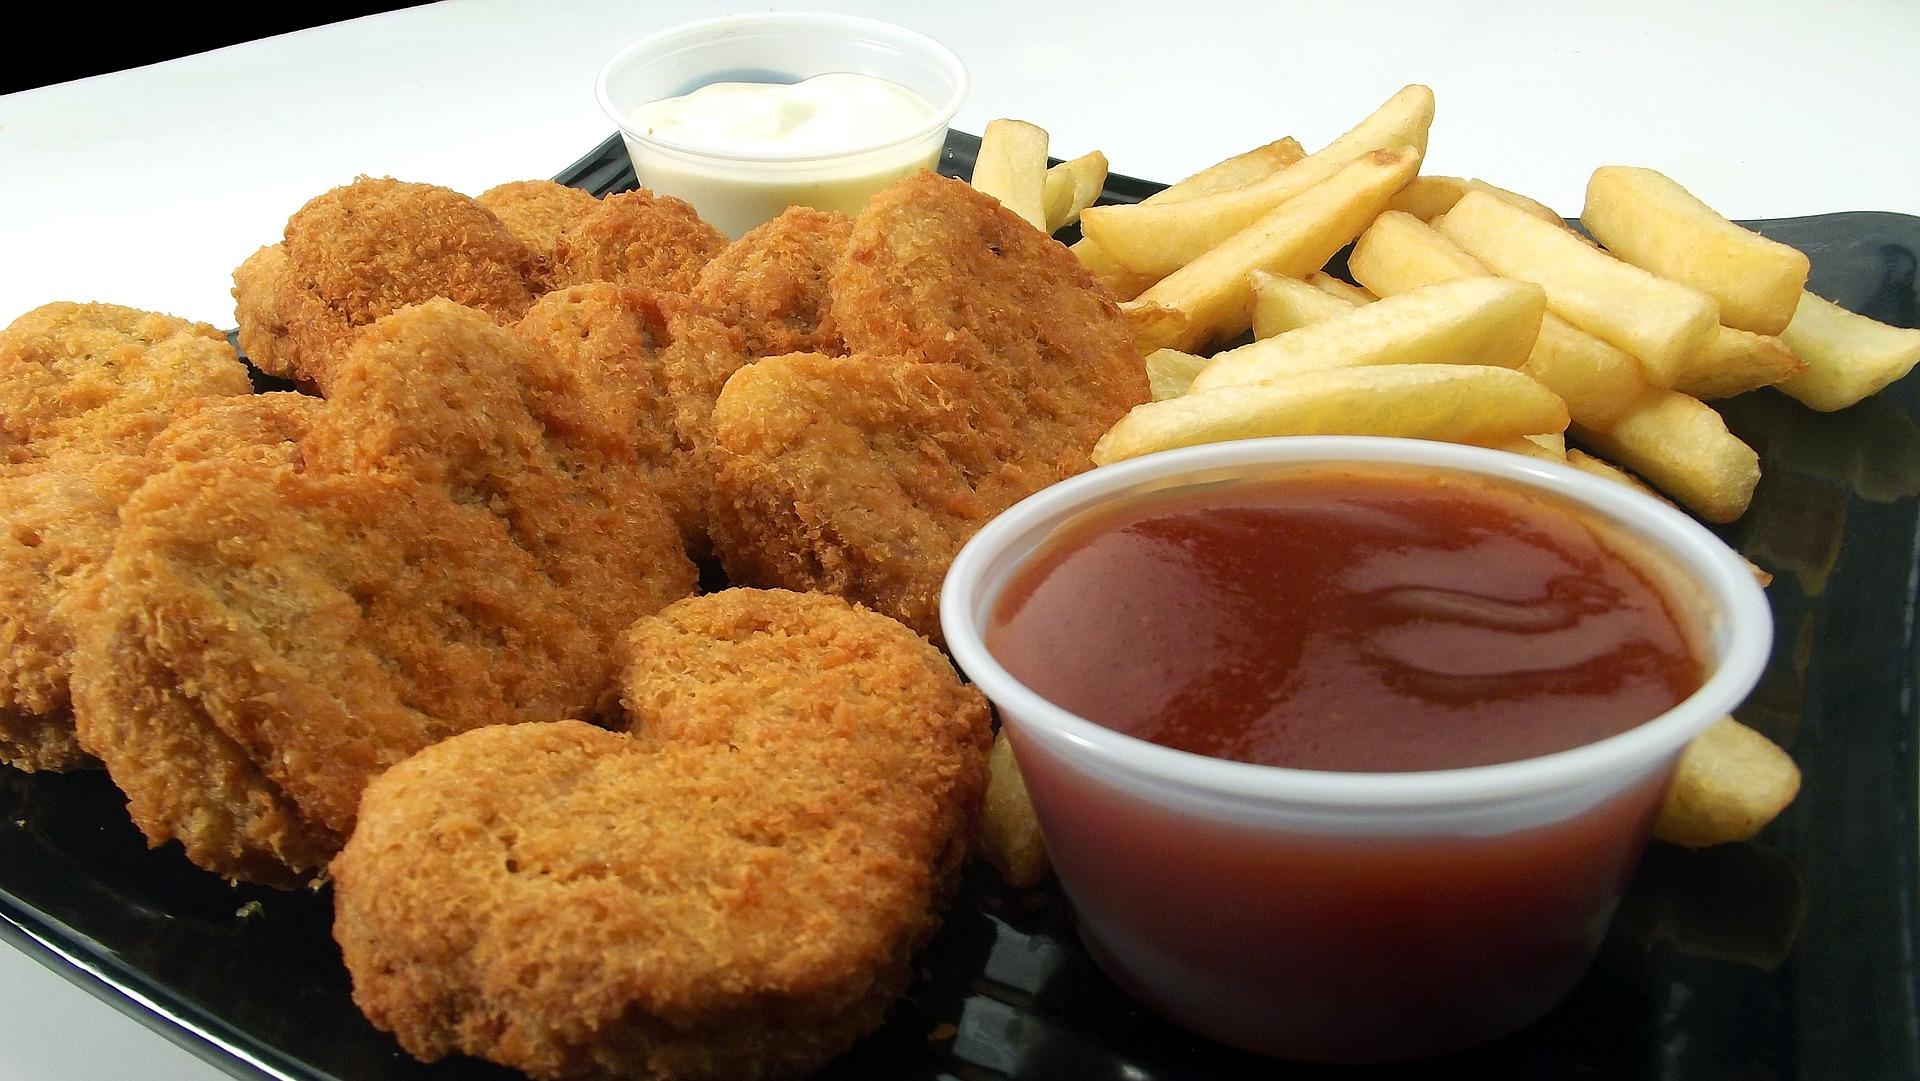 Producir nuggets de pollo sin matar a ningún animal